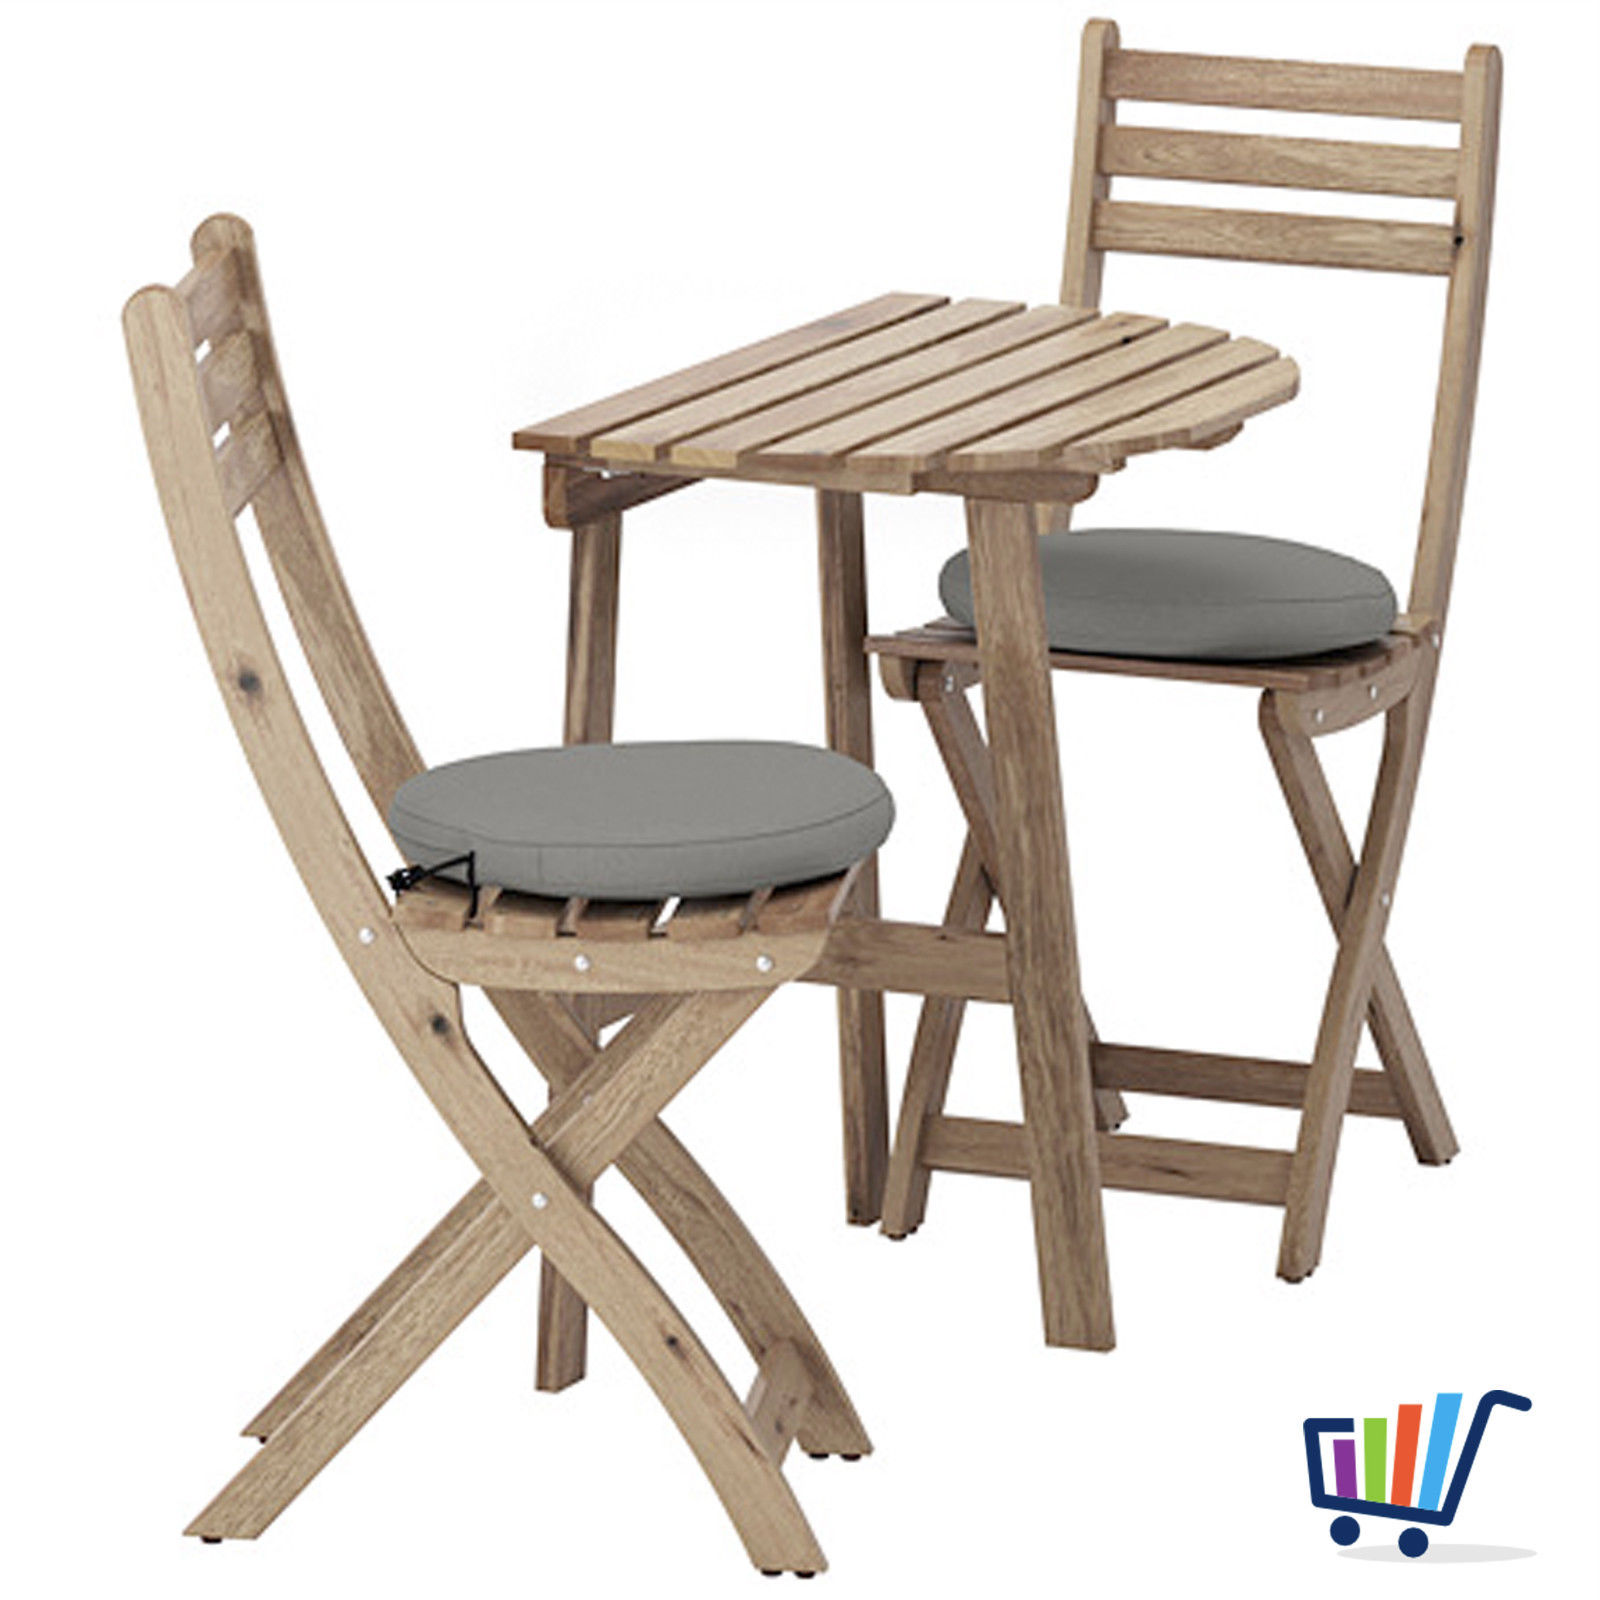 ikea gartentisch wandtisch + 2 klappstühle +2 kissen balkonmöbel